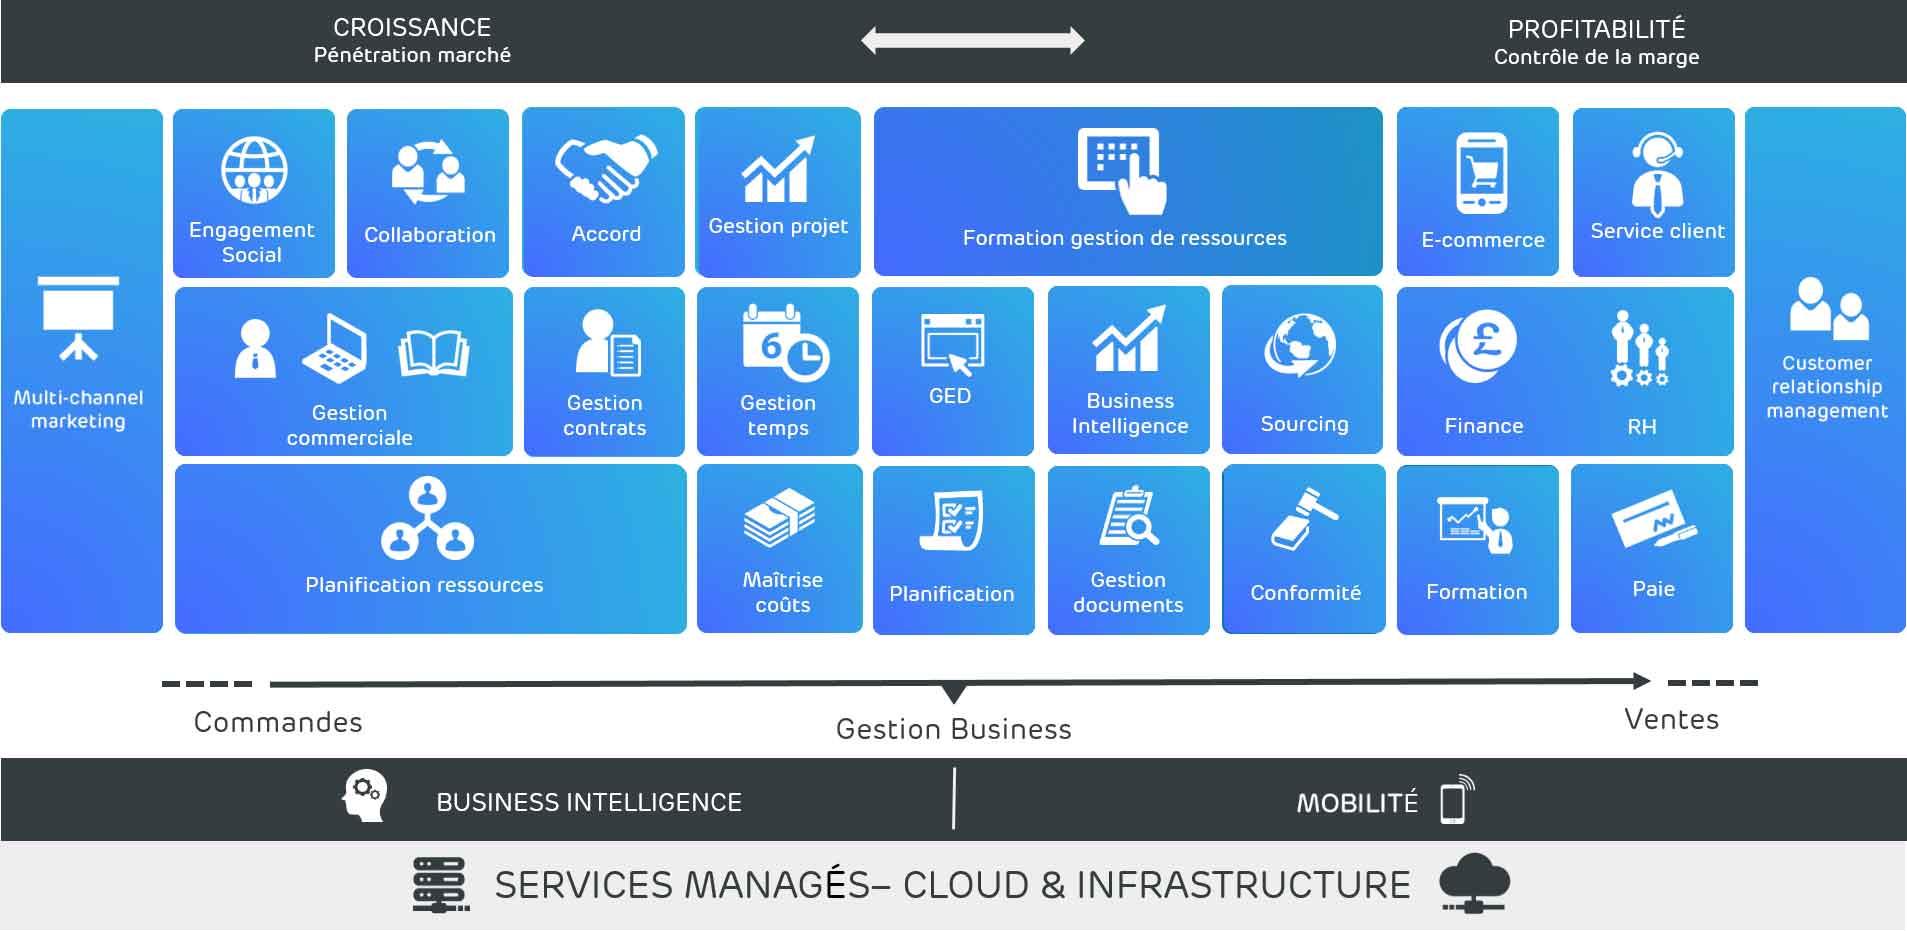 services managés - cloud & infrastructure